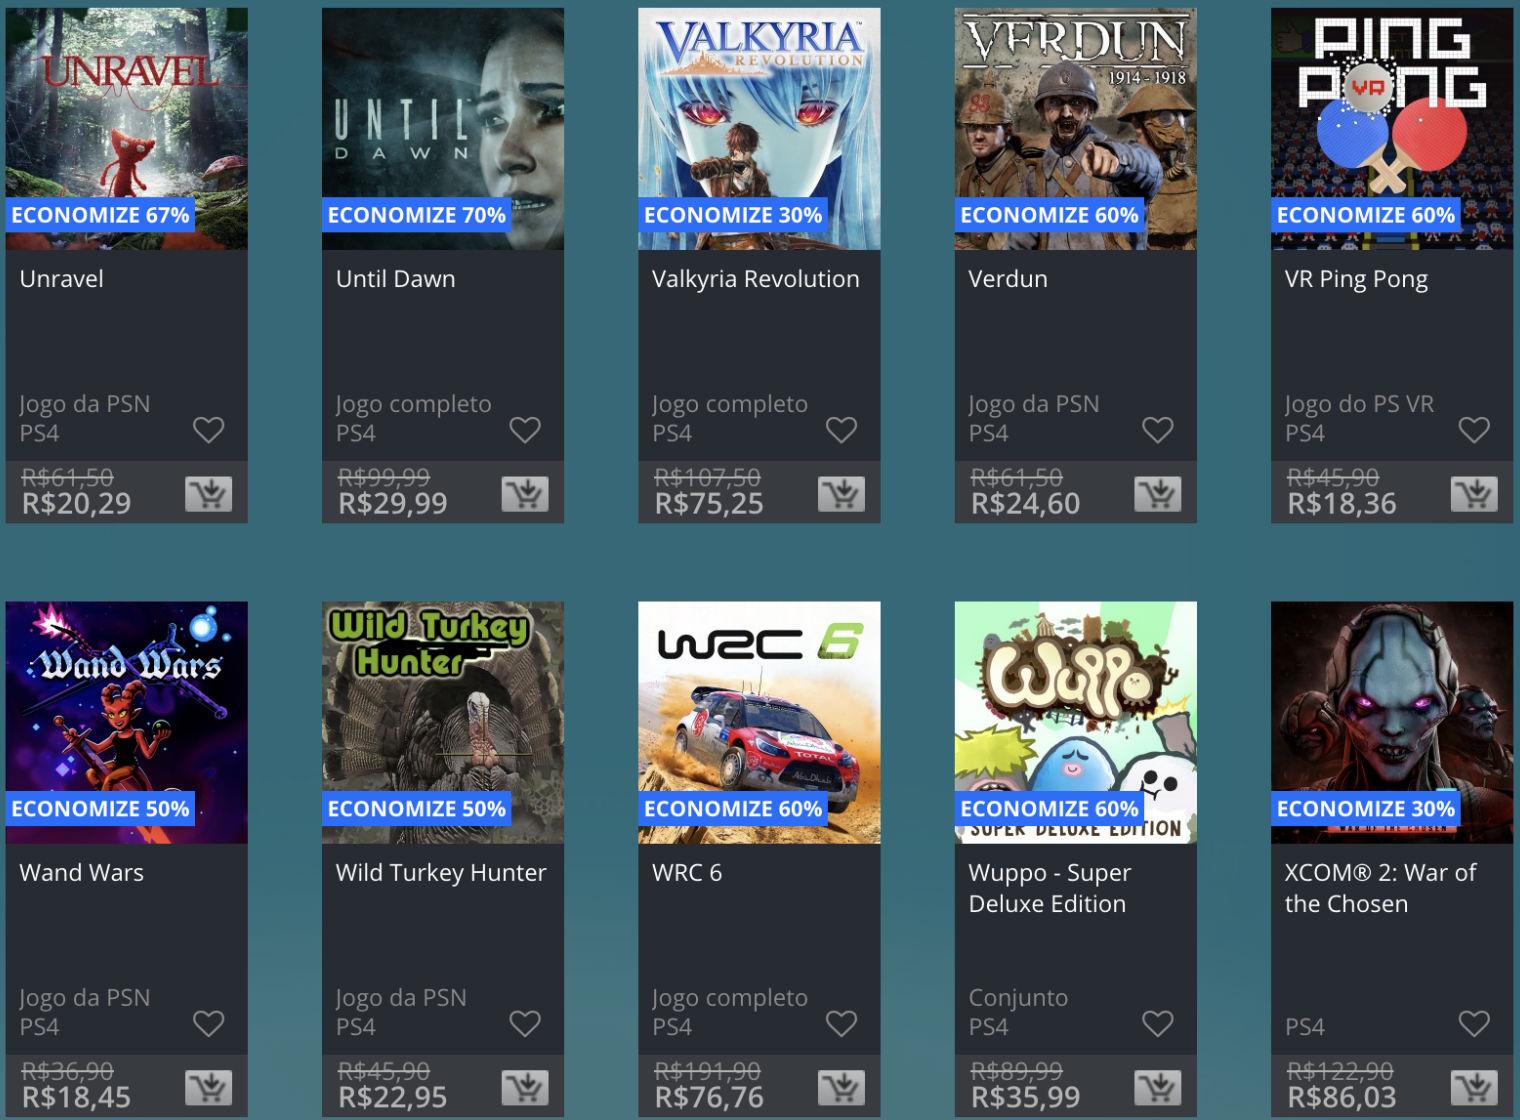 Promoção de Meio do Ano na PS Store com mais de 600 itens com preços que variam de R$ 10 a R$ 200 38